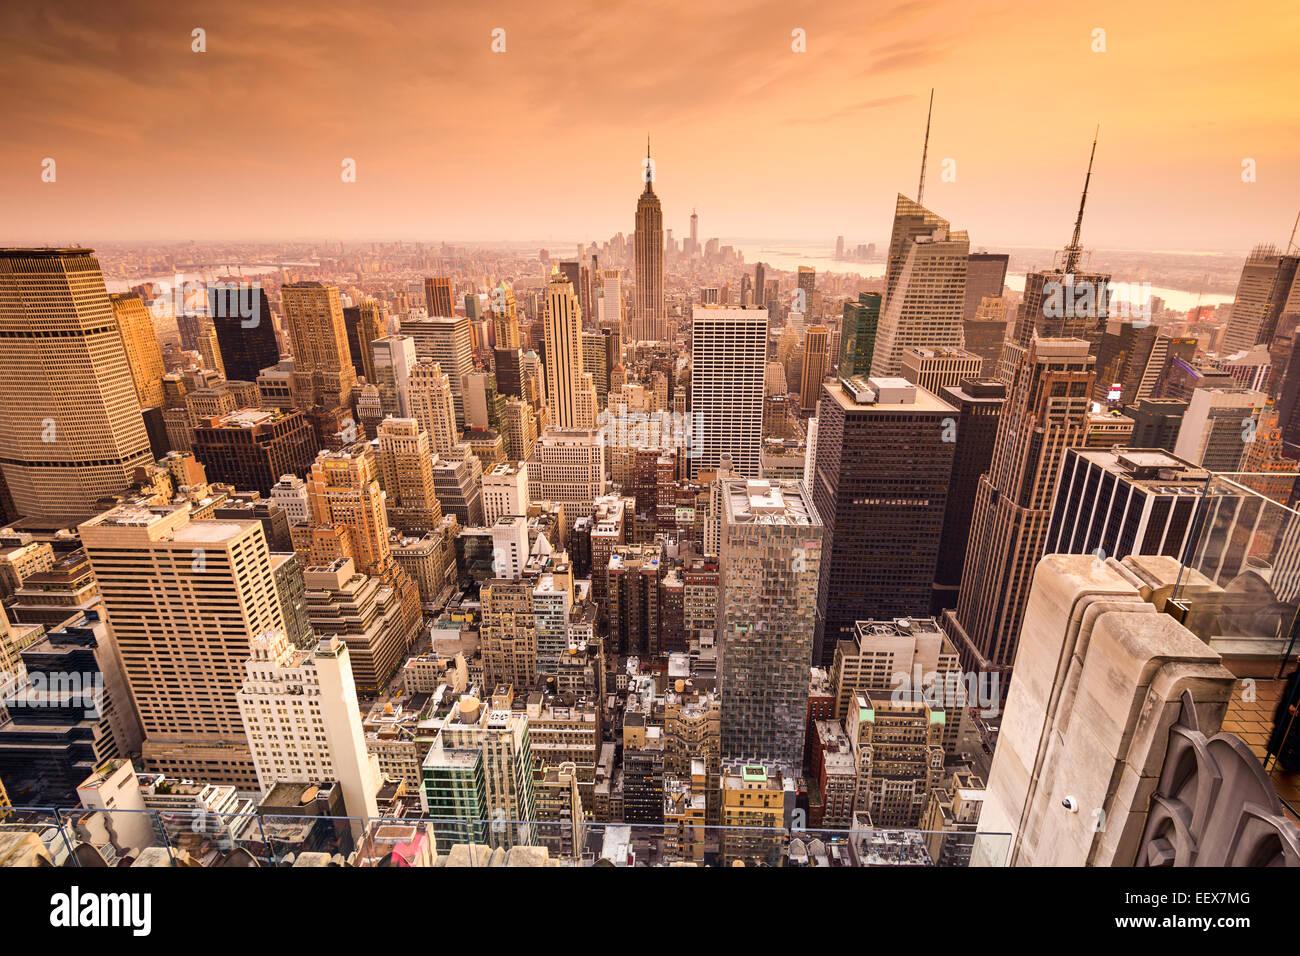 La ville de New York, USA sur les toits de Manhattan. Photo Stock